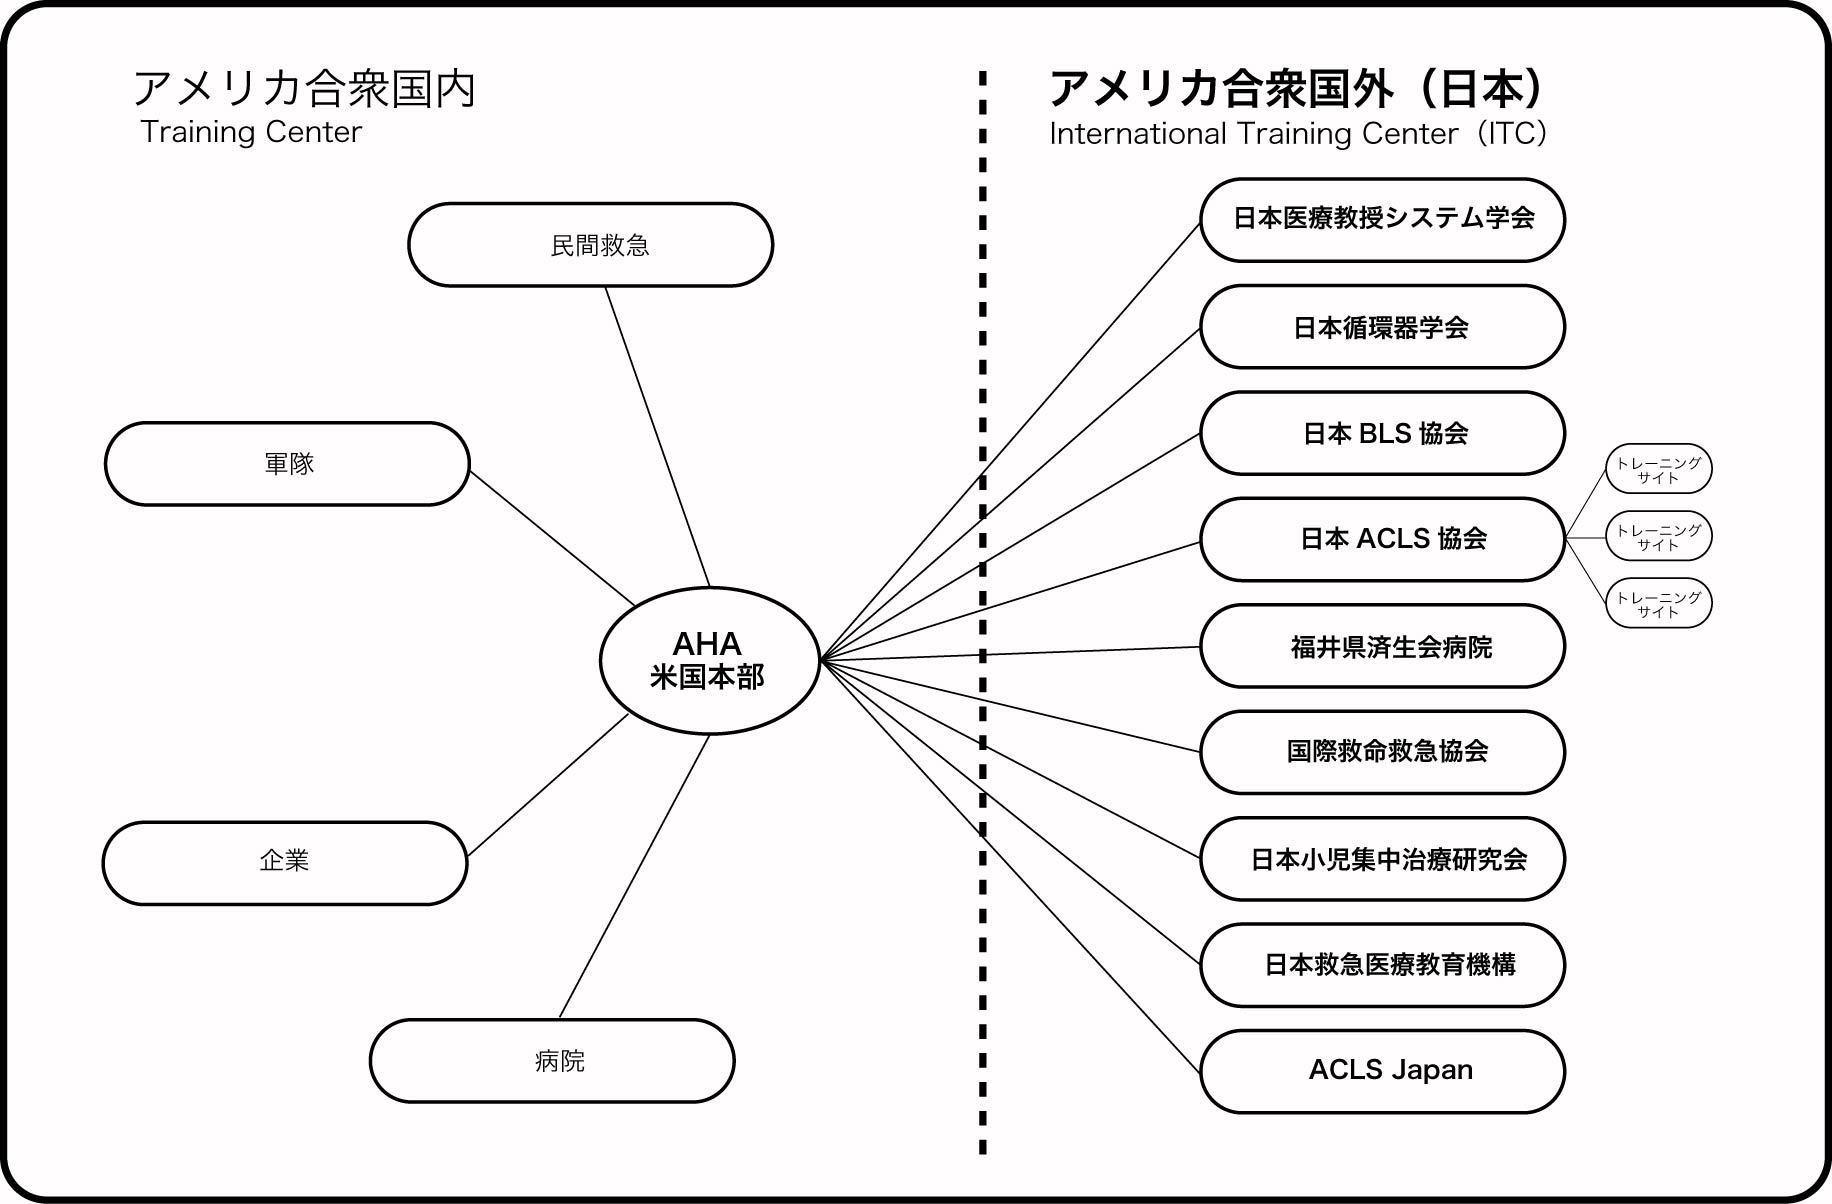 日本のAHA講習開催団体の関係図